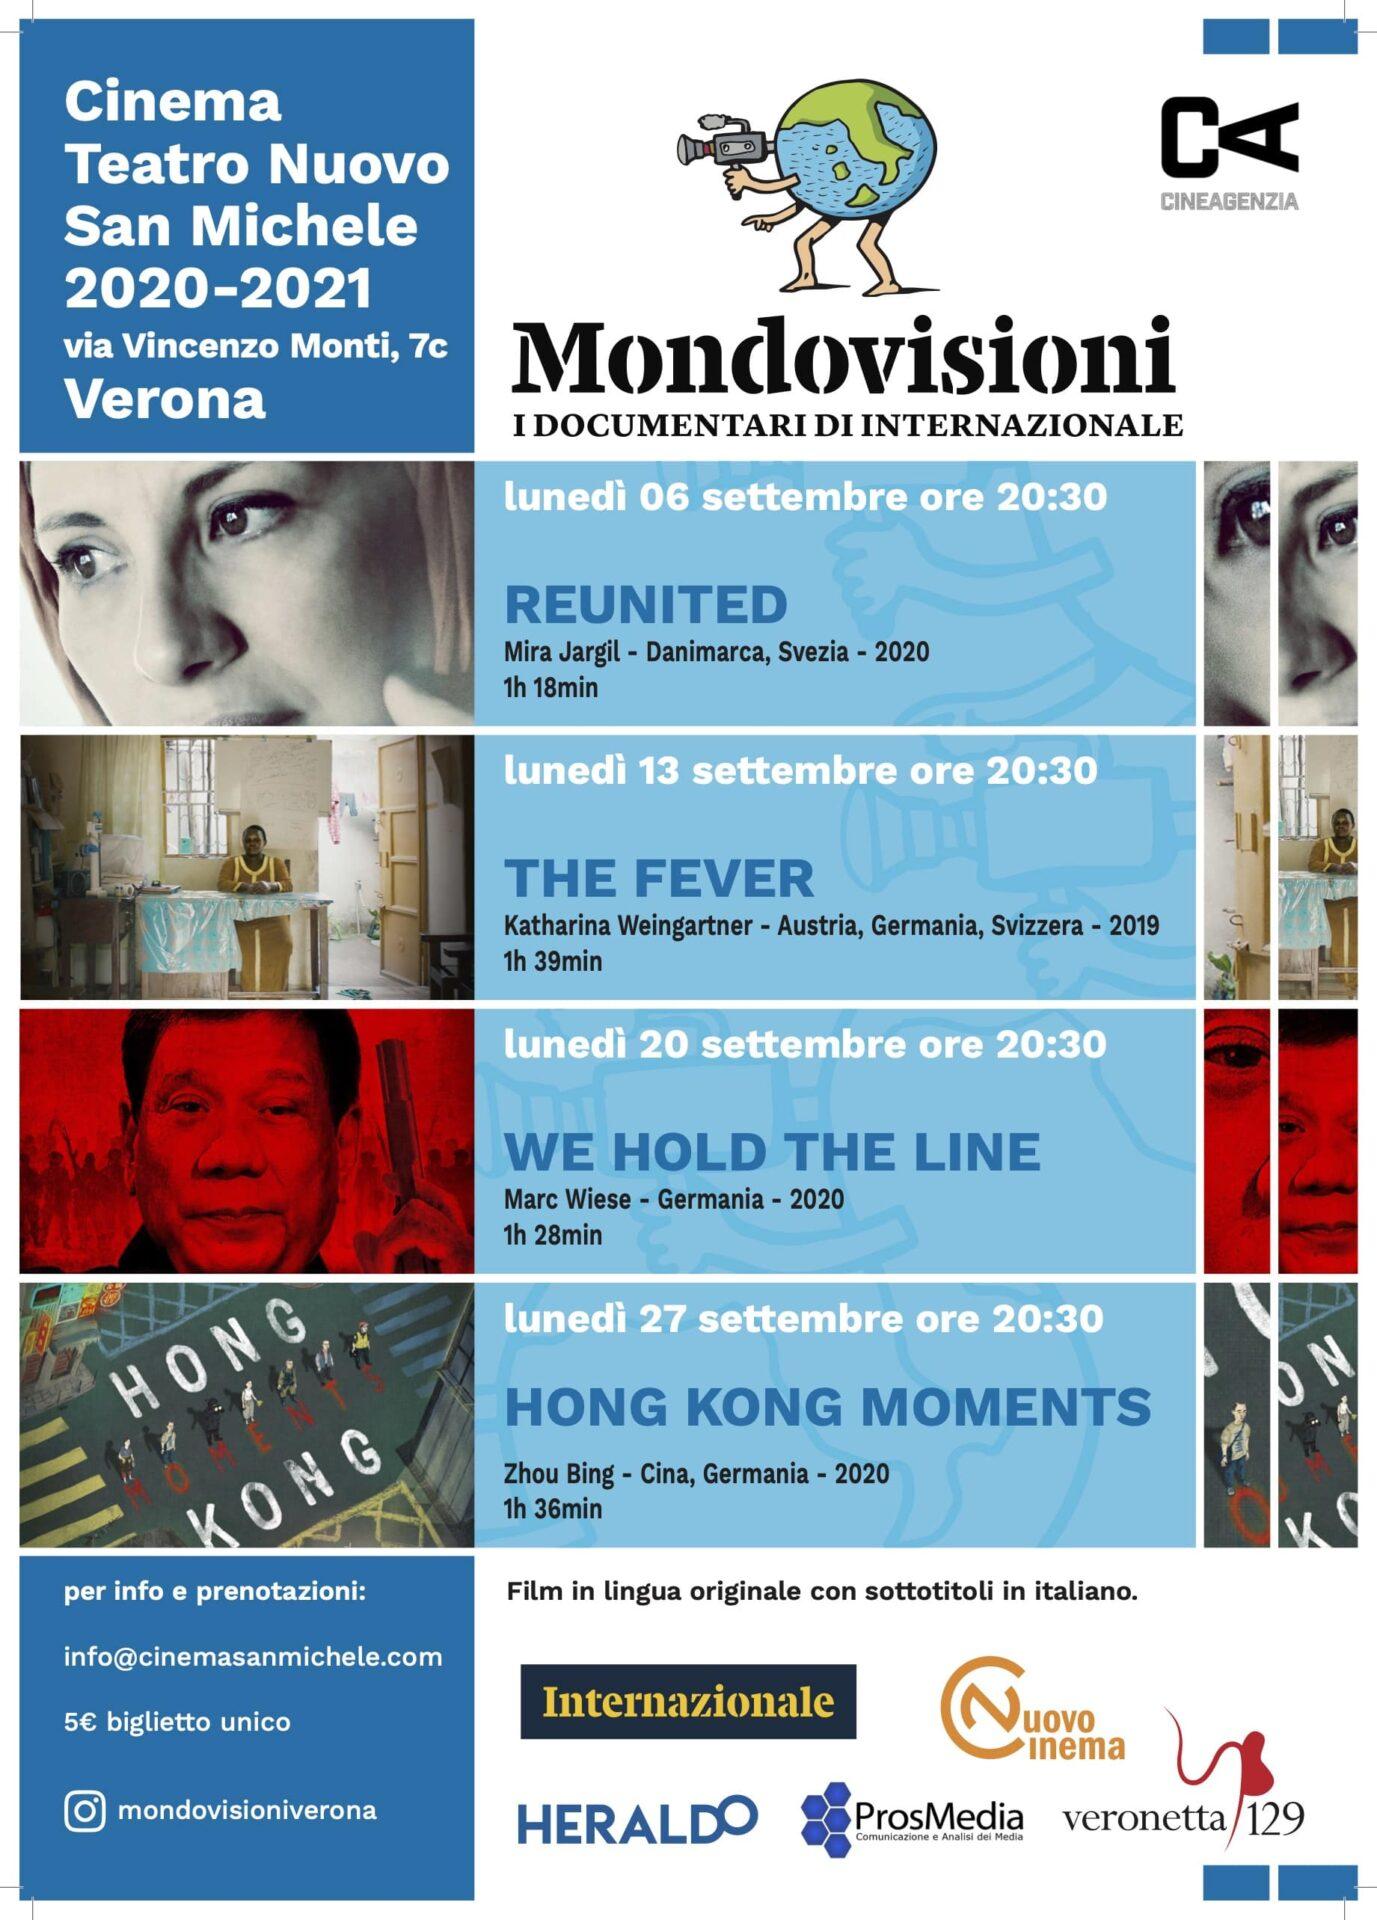 Locandina - 2020/2021 - Mondovisioni - Internazionale - Verona - 5 settembre - Prosmedia